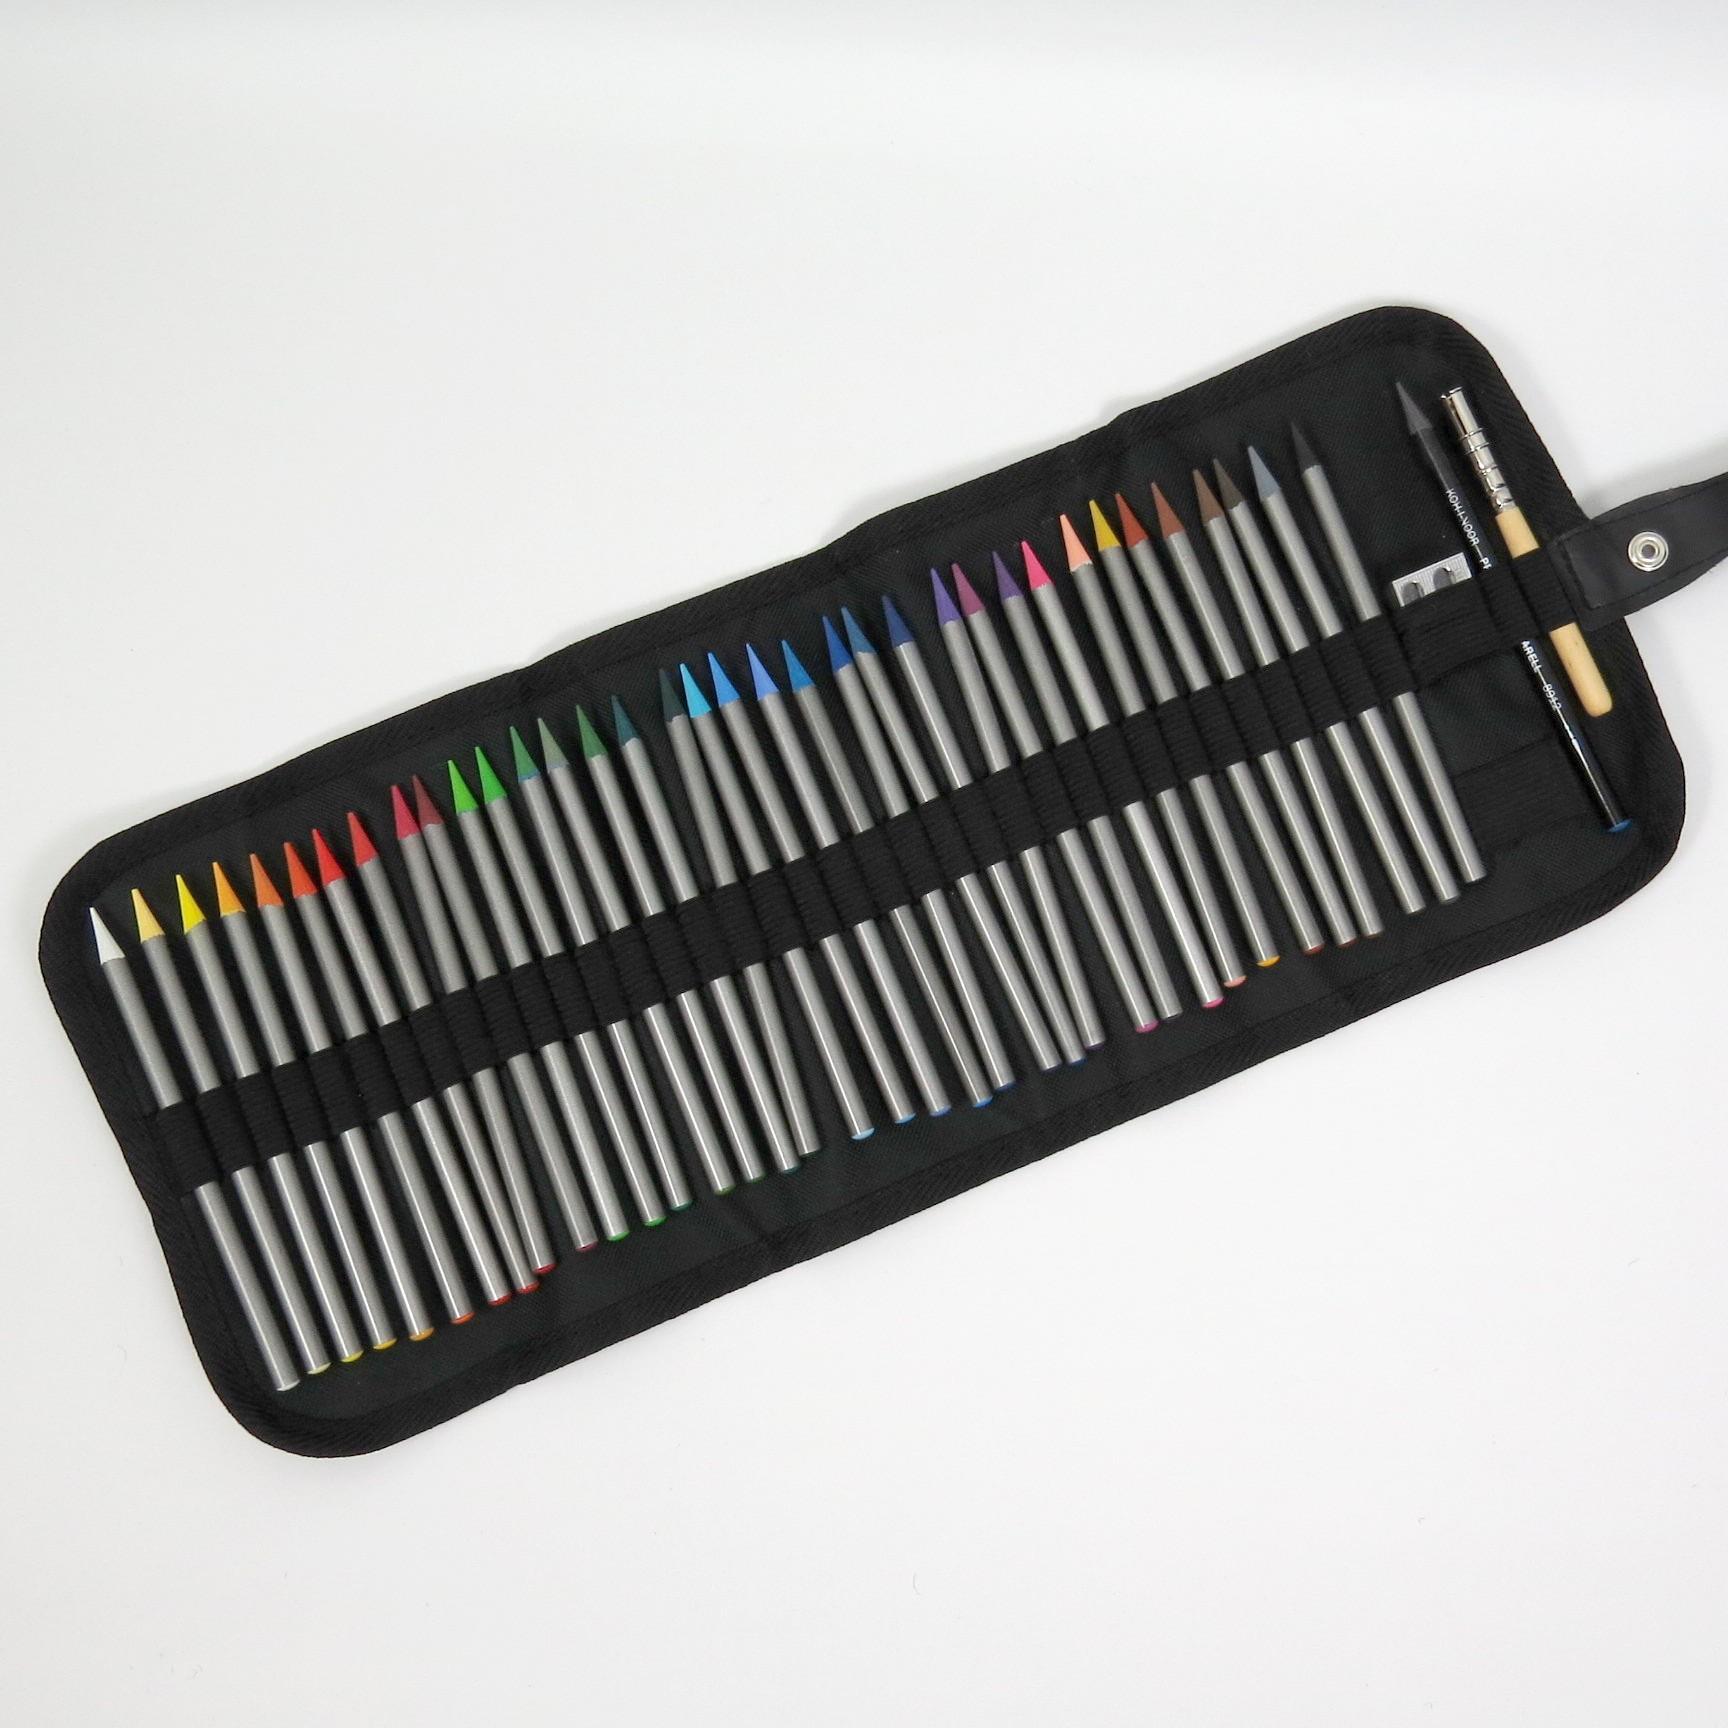 Stifterolle befüllt mit 36 Vollminen Progresso Aquarell Buntstiften von Koh-I-Noor